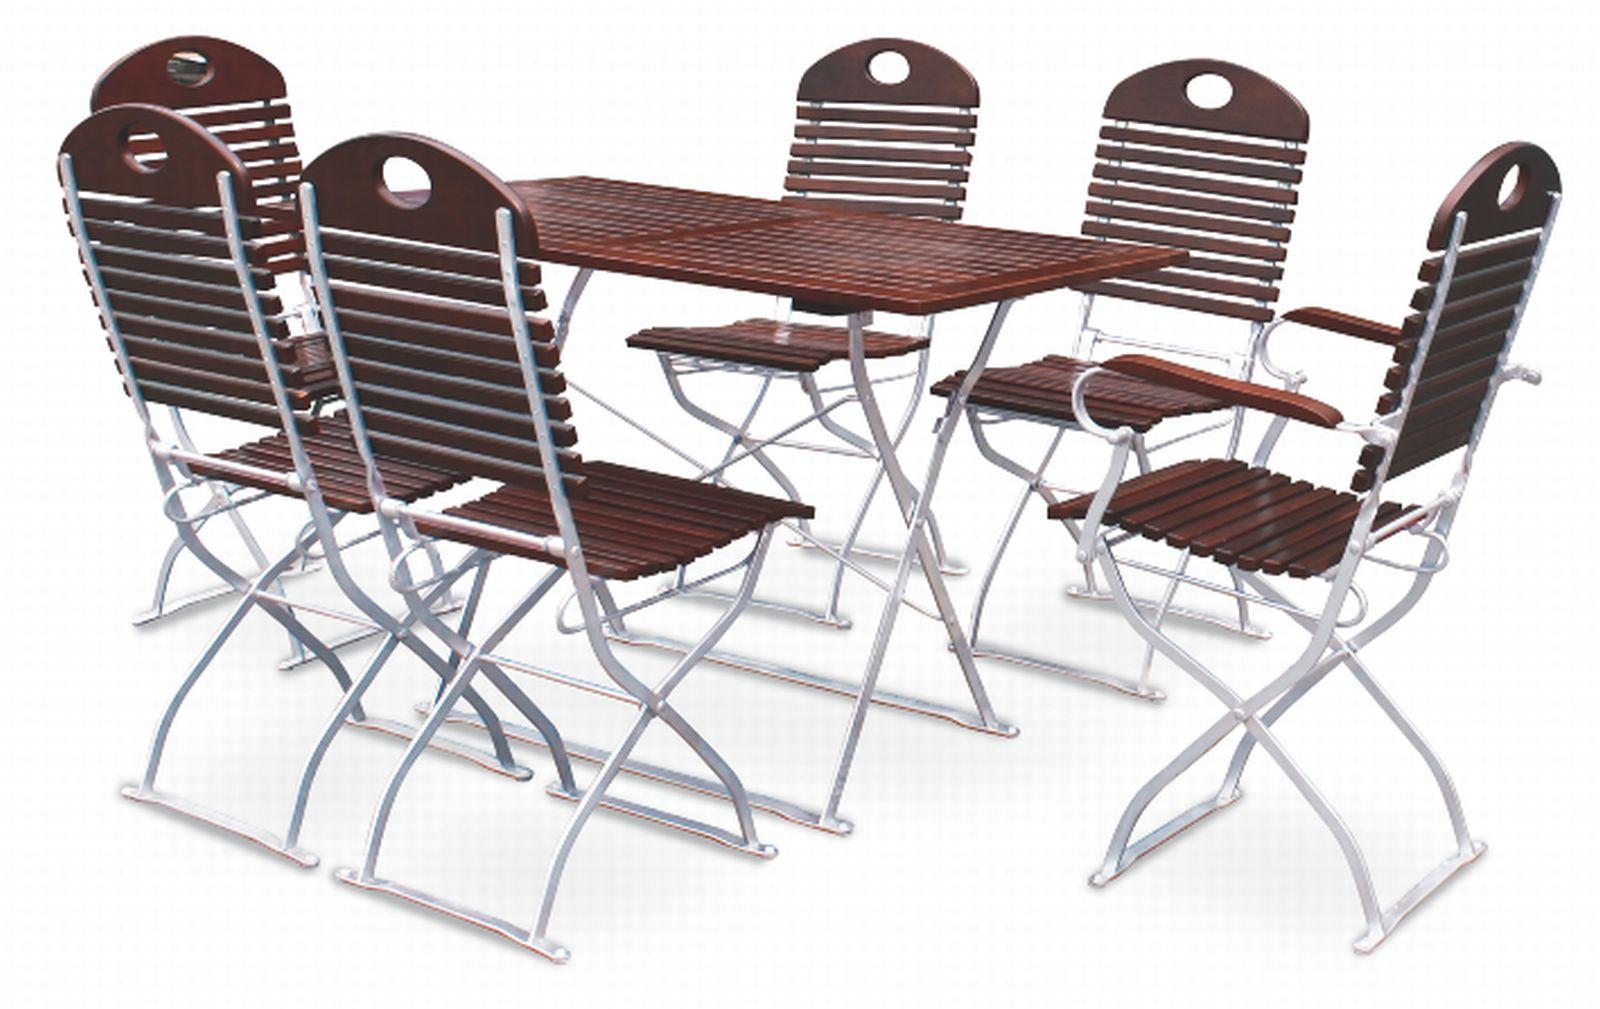 EuroLiving-Biergartengarnitur-Edition-exklusiv-kastanie-verzinkt-1x-Tisch-120x70-4x-Stuhl-2x-Sessel